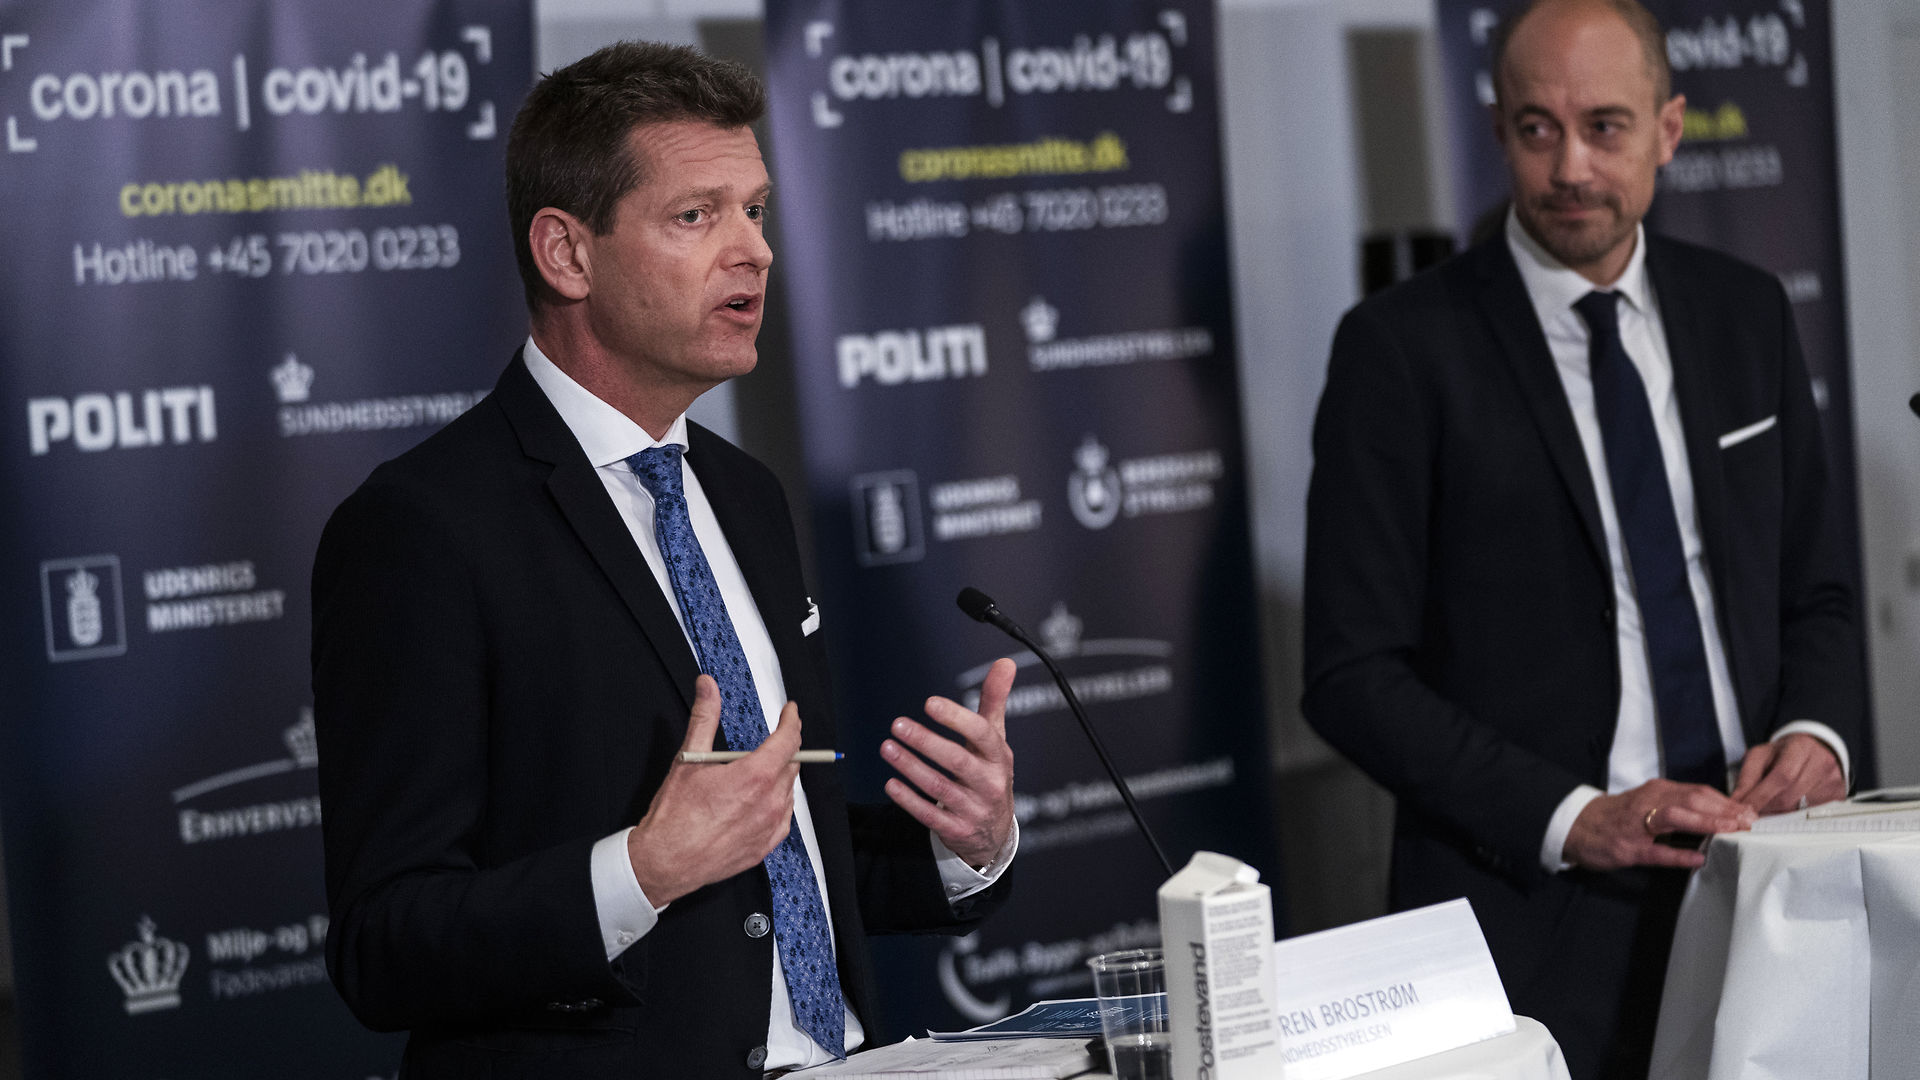 Uffe Gardel følger udviklingen #4: Mærkelige danske tal: Vi ved endnu ikke, hvad vi skal tro